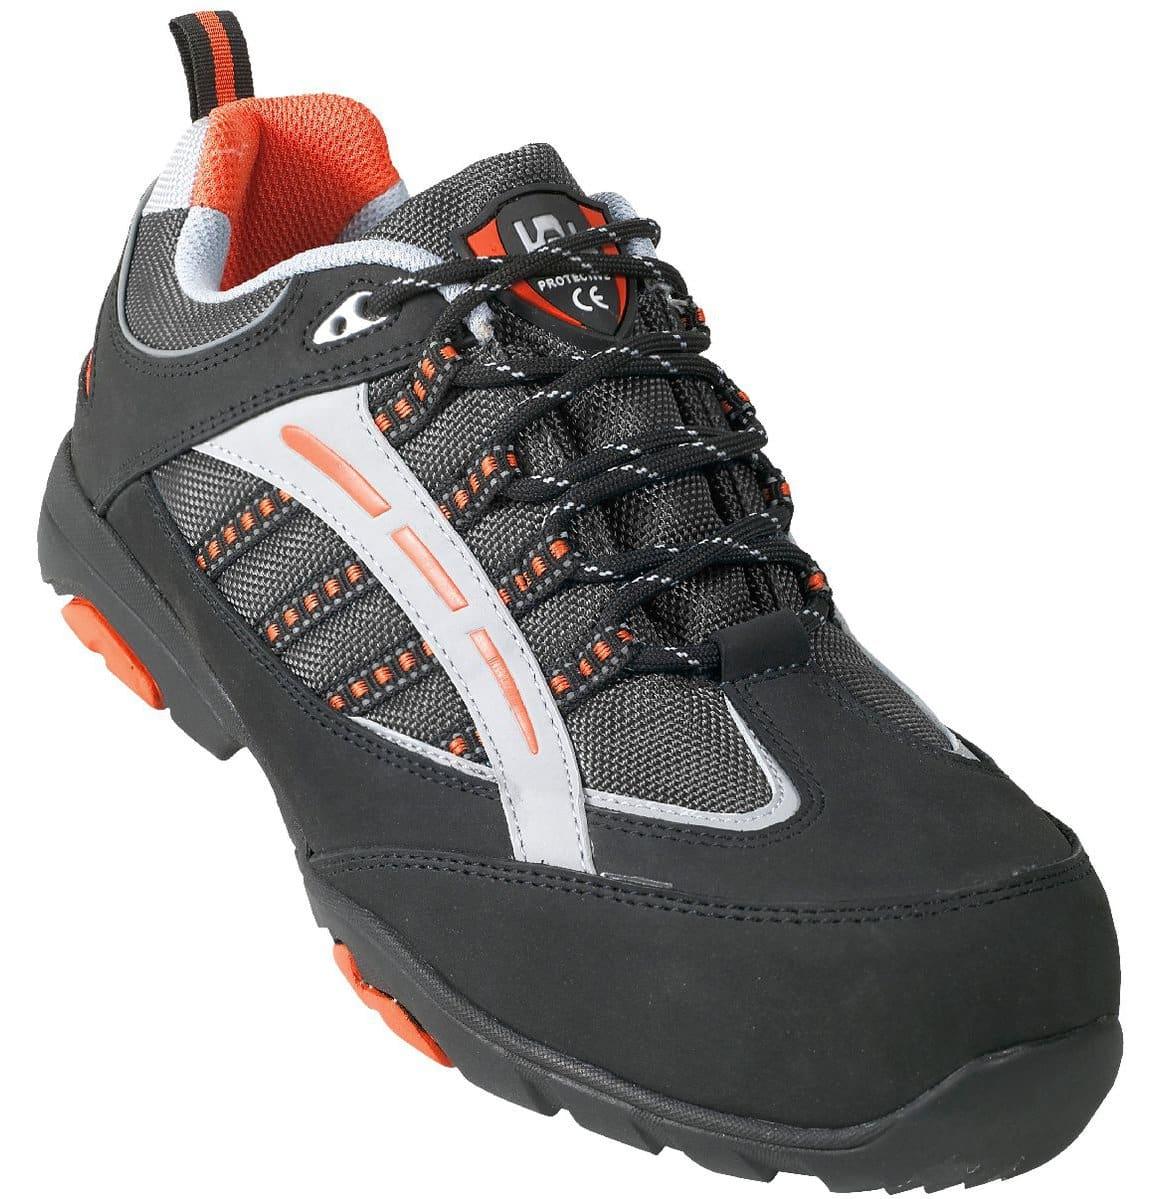 Chaussures de sécurité : vous trouverez mes conseils pour bien les choisir